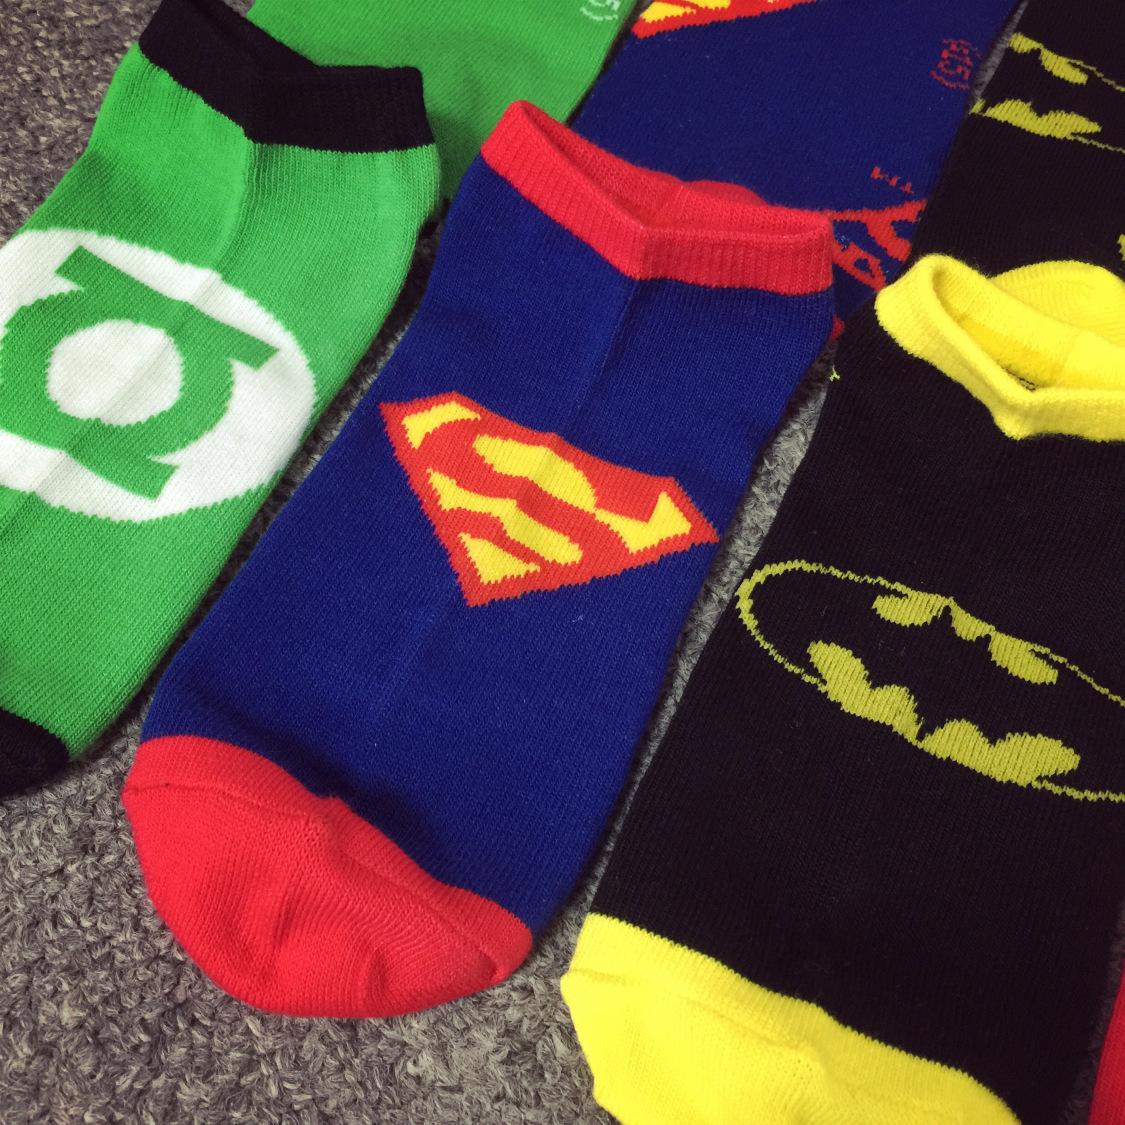 DC Superhero Short Socks - Super Comics Online